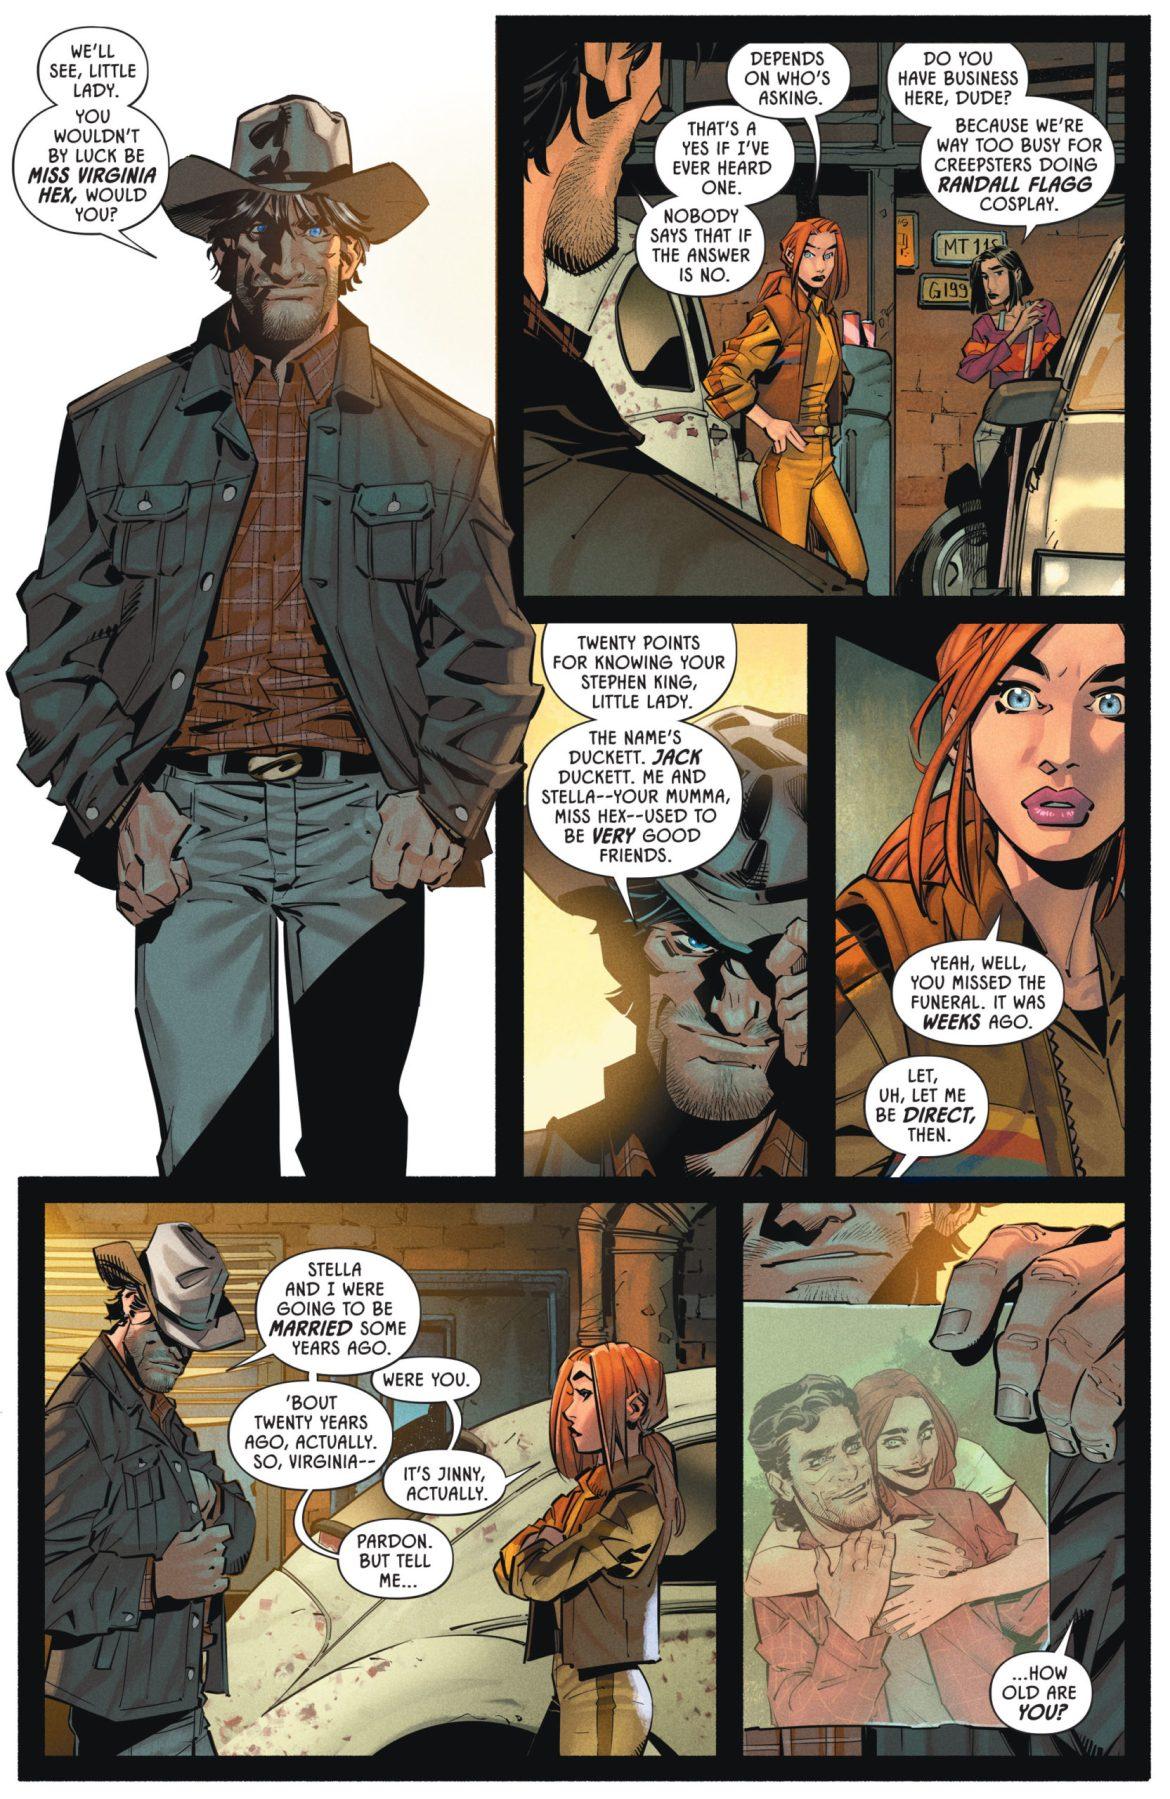 Jinny Hex #1 DC Comics News